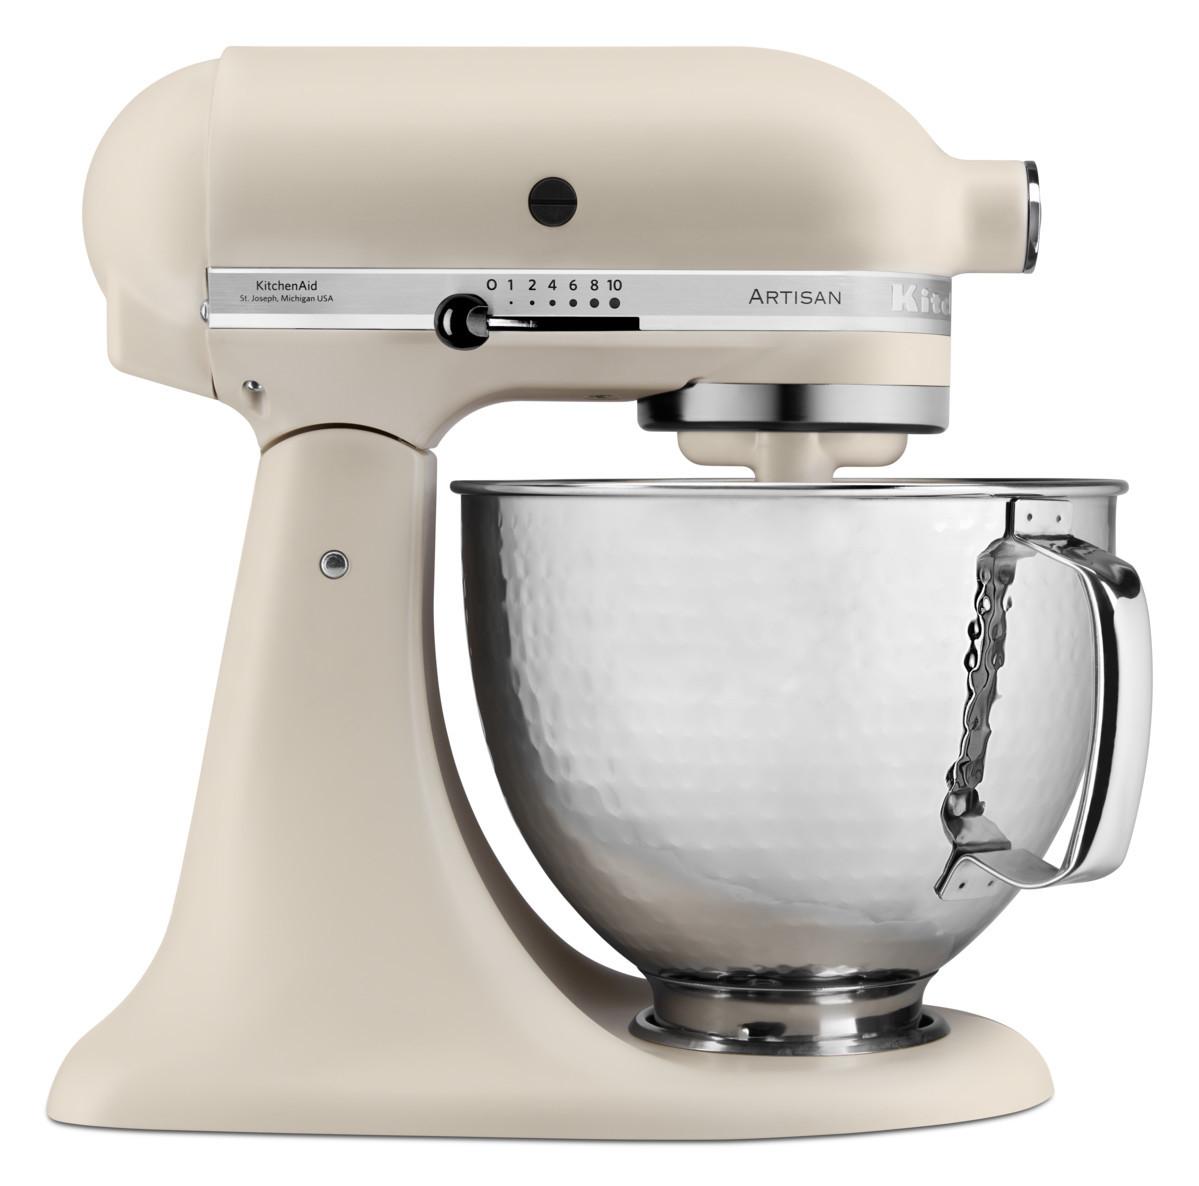 Artisan Küchenmaschine 5KSM156HMEFL mattes Leinen